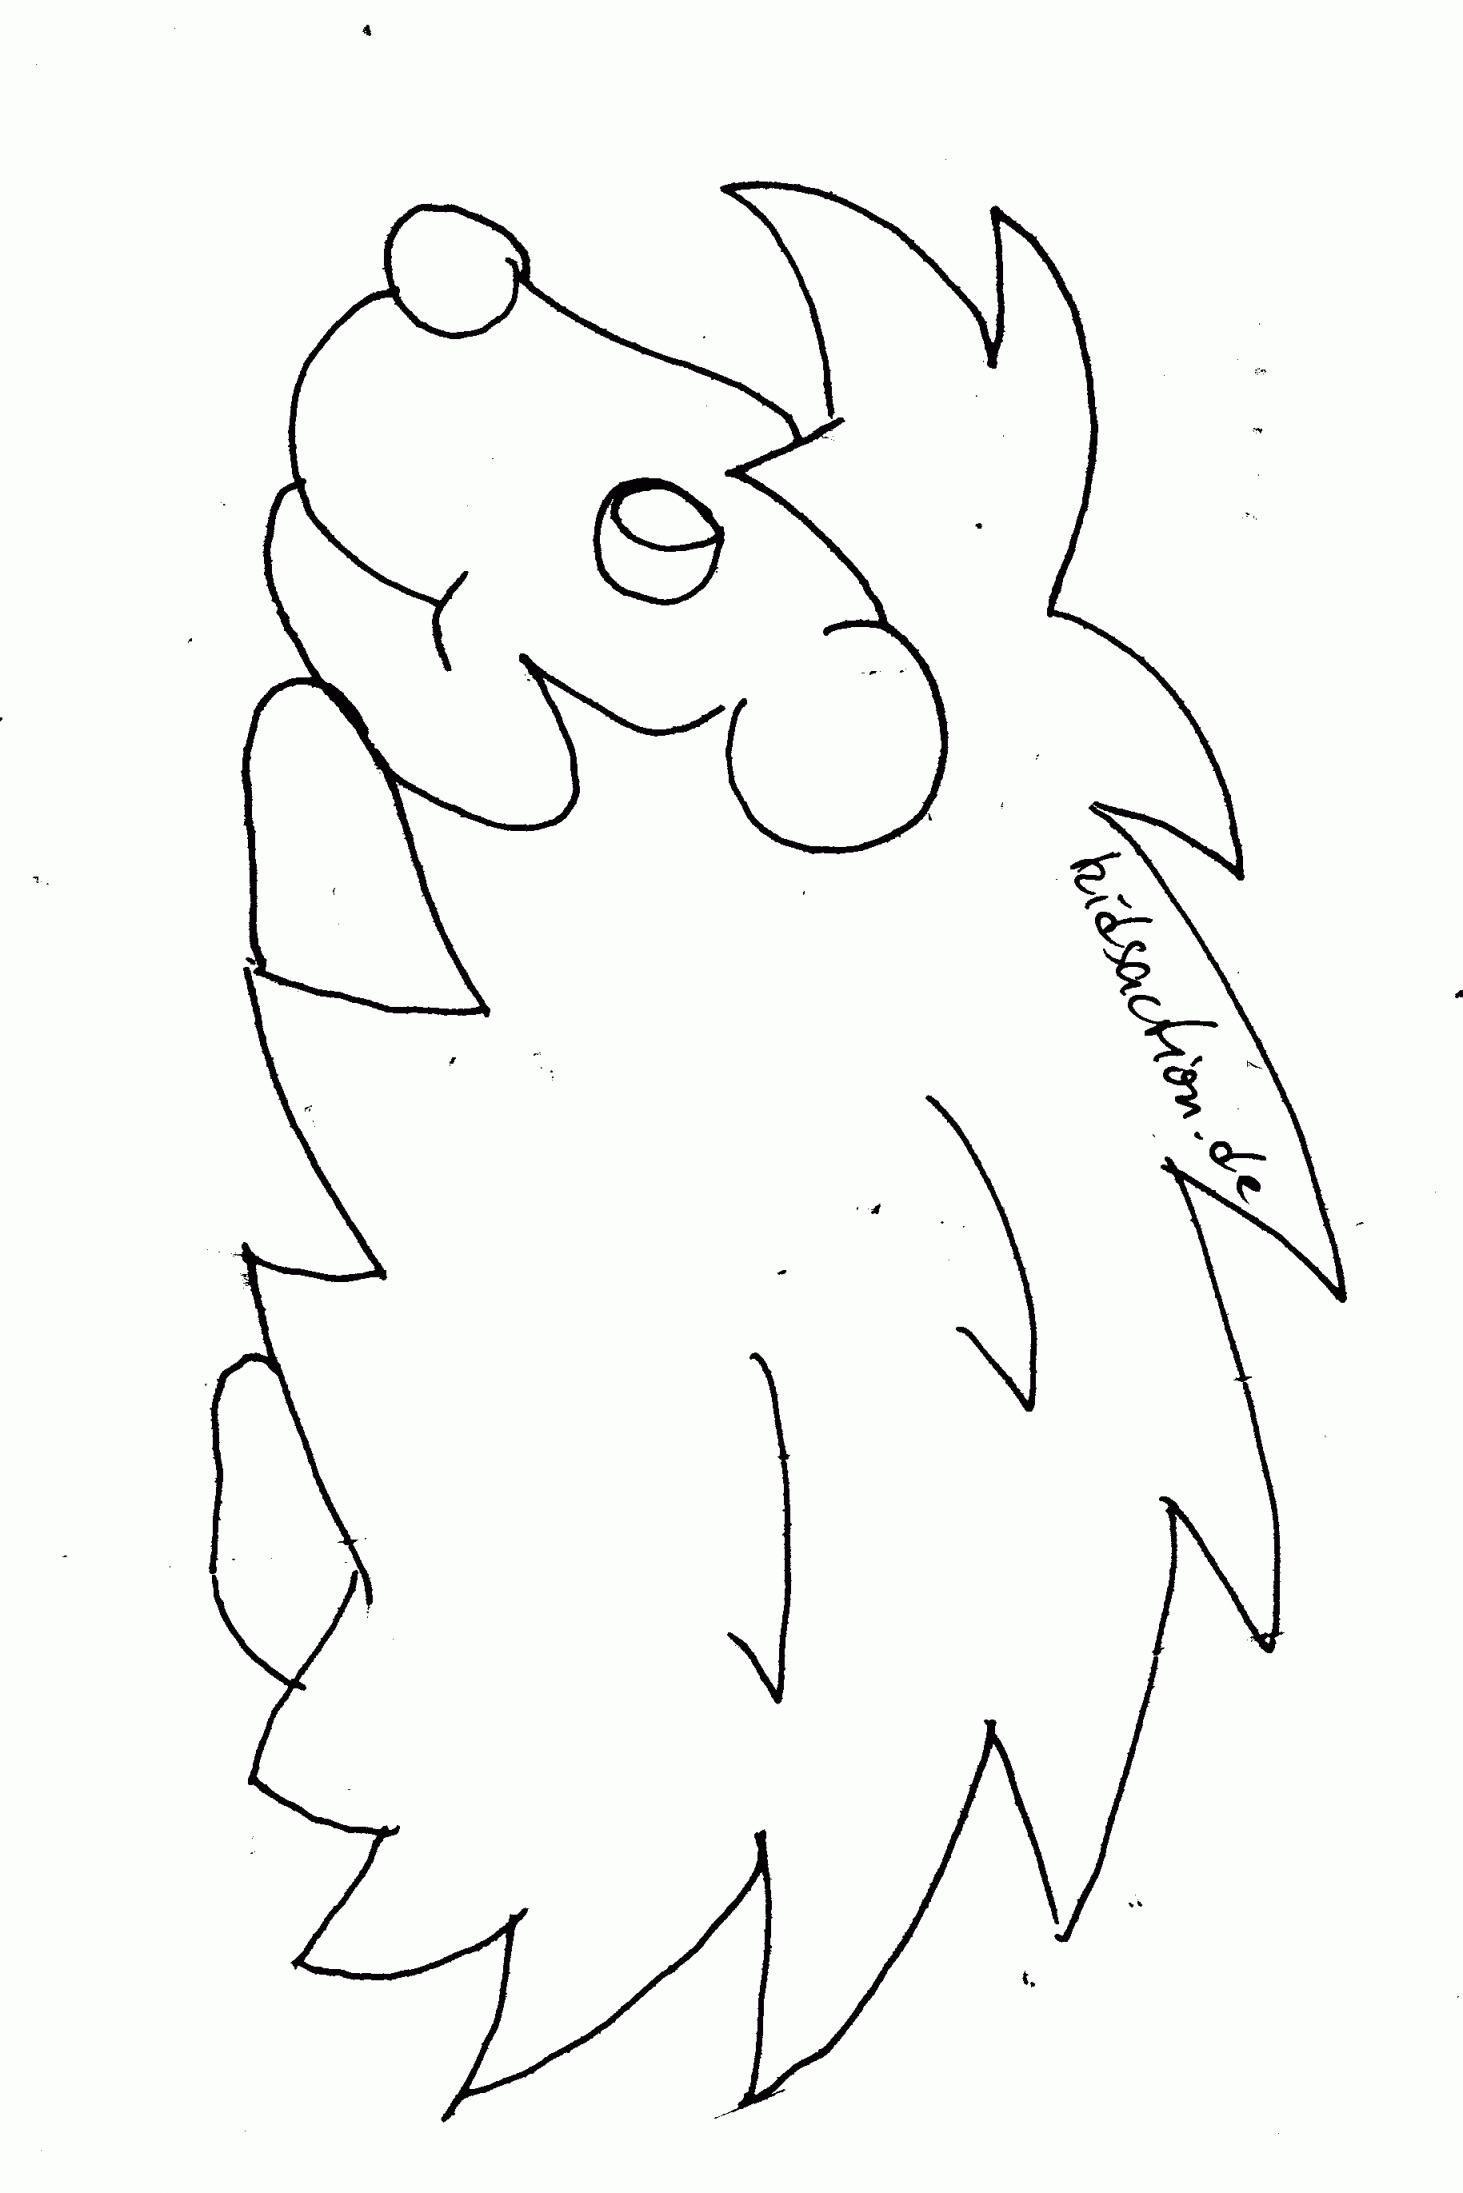 Adler Zeichnungen Zum Ausmalen Das Beste Von Adler Ausmalbilder Einzigartig Adler Zum Ausmalen Uploadertalk Neu Galerie